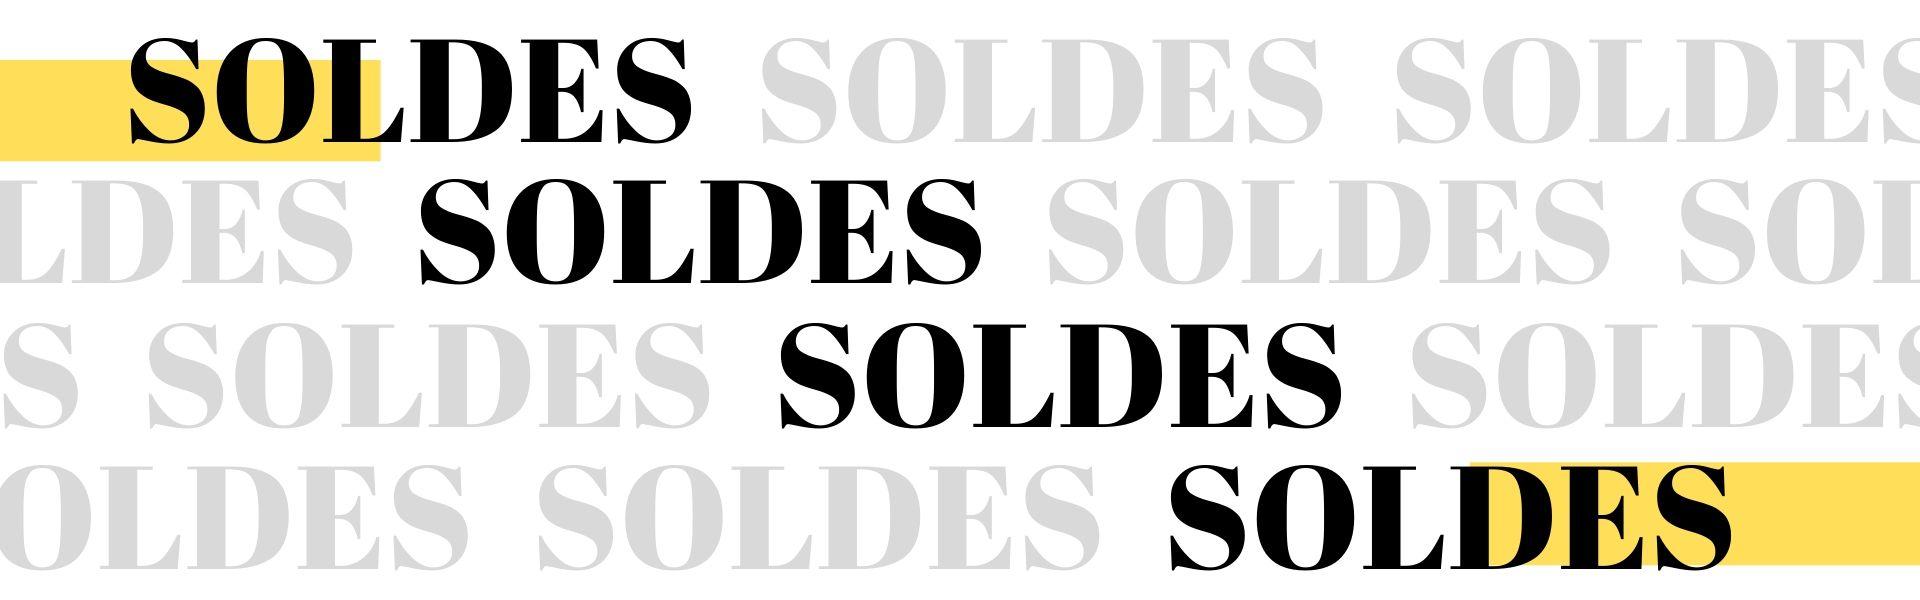 SOLDES E20